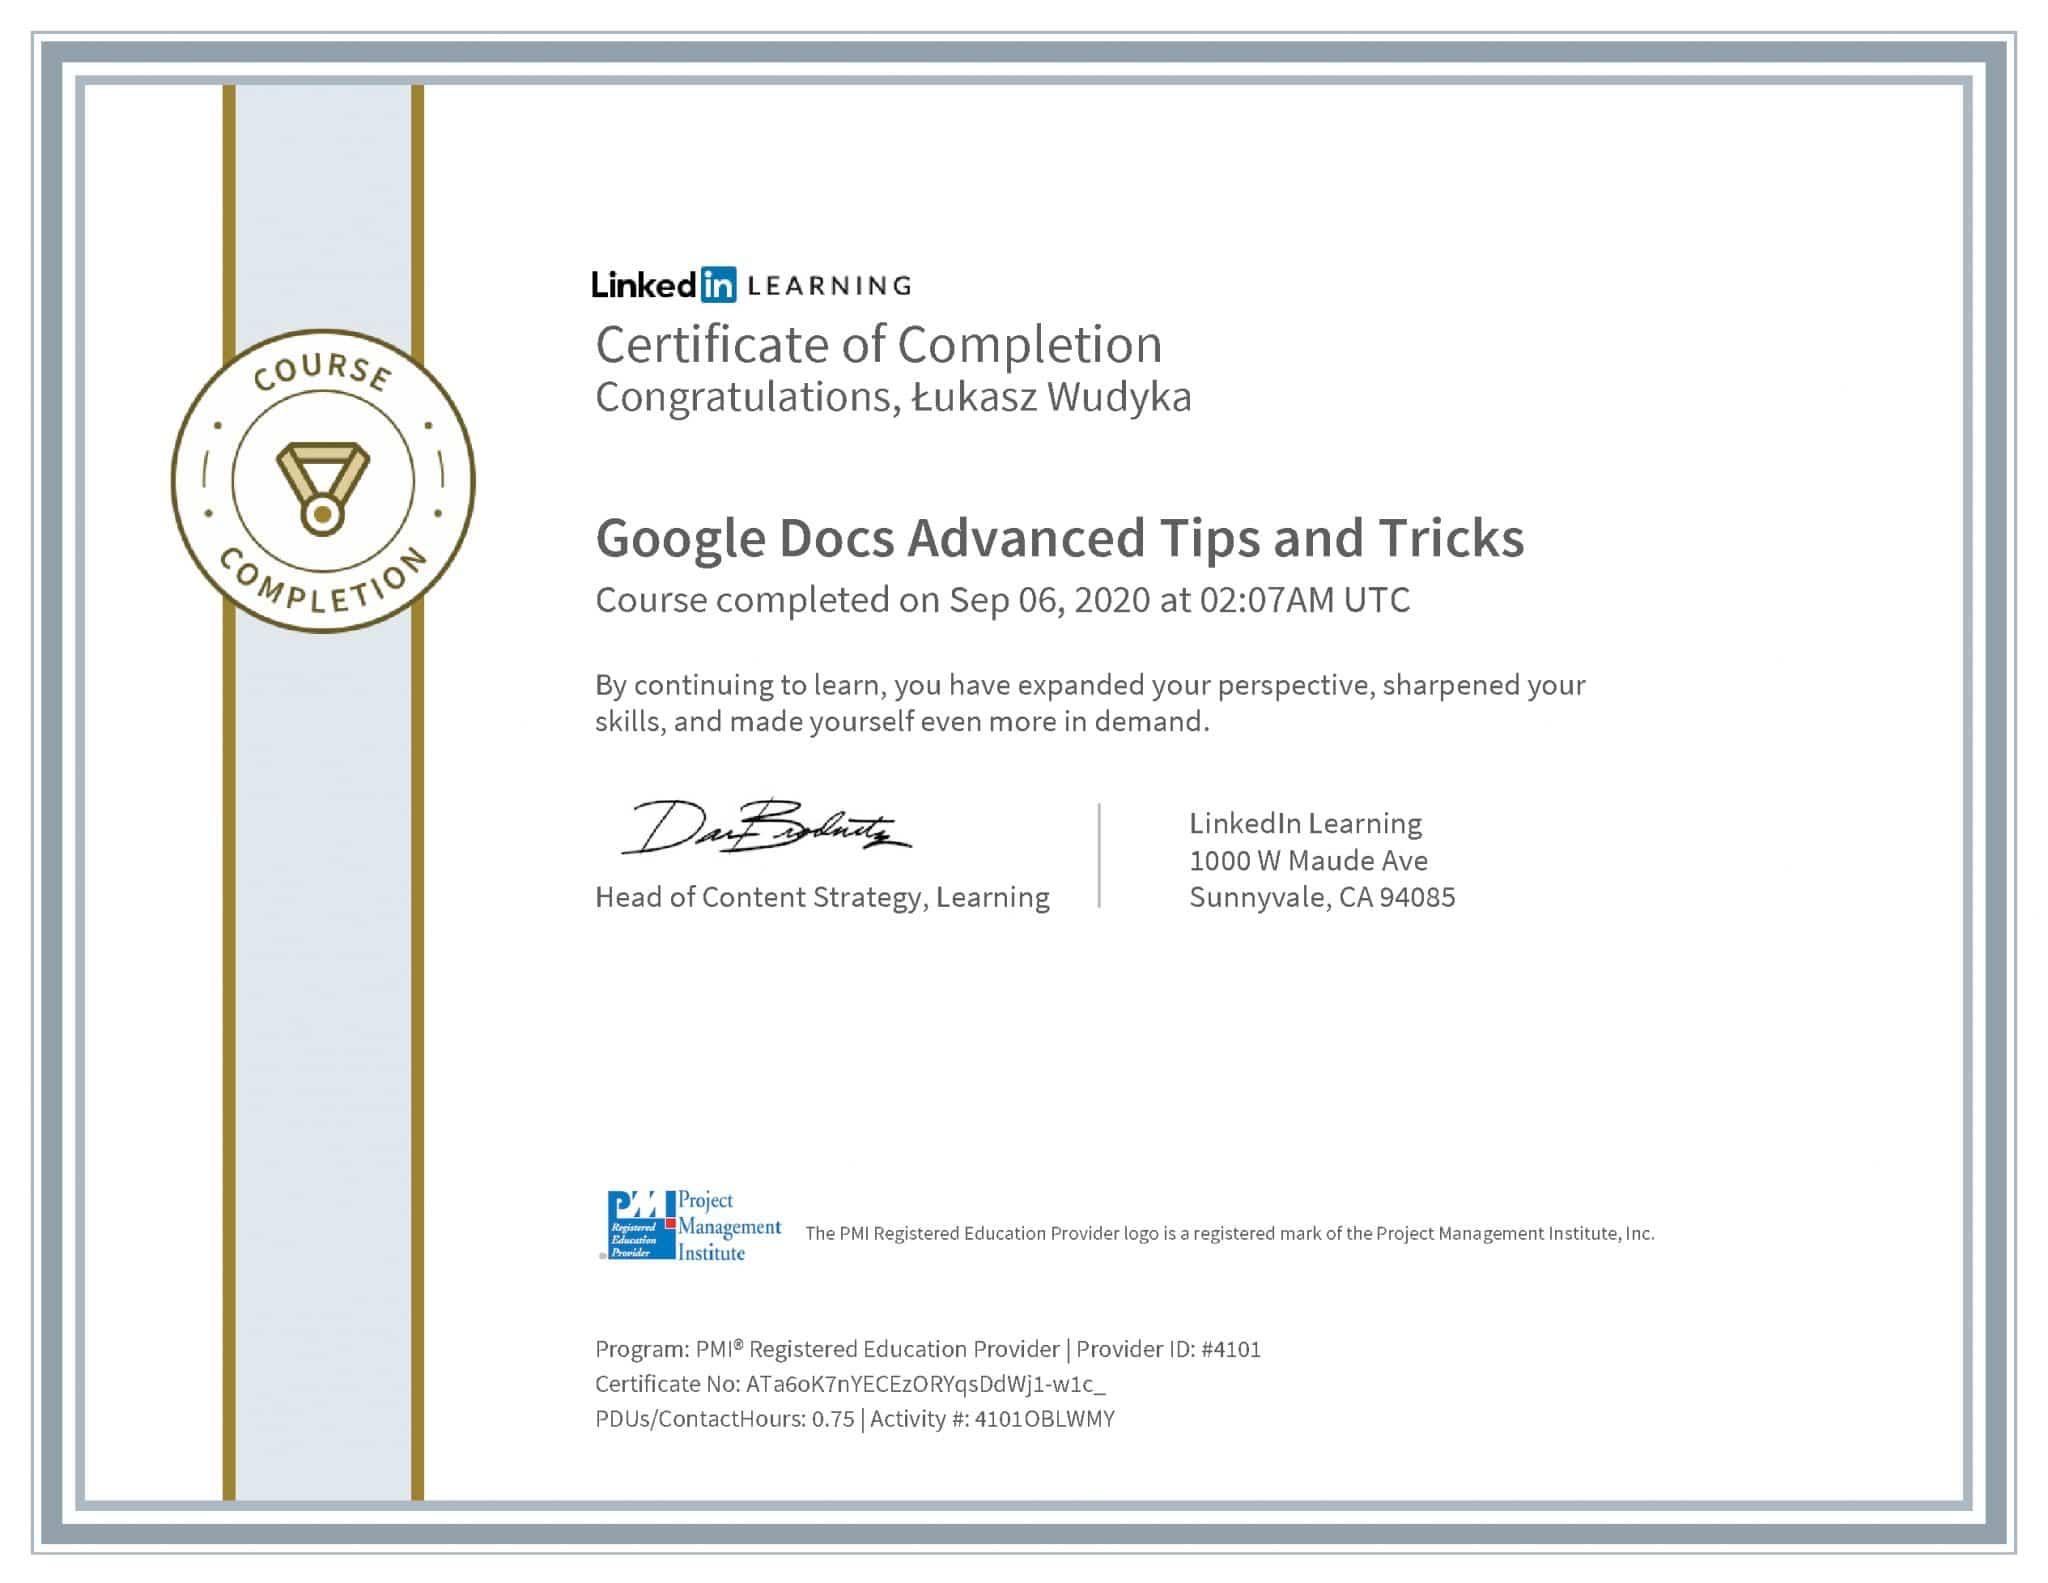 Łukasz Wudyka certyfikat LinkedIn Google Docs Advanced Tips and Tricks PMI